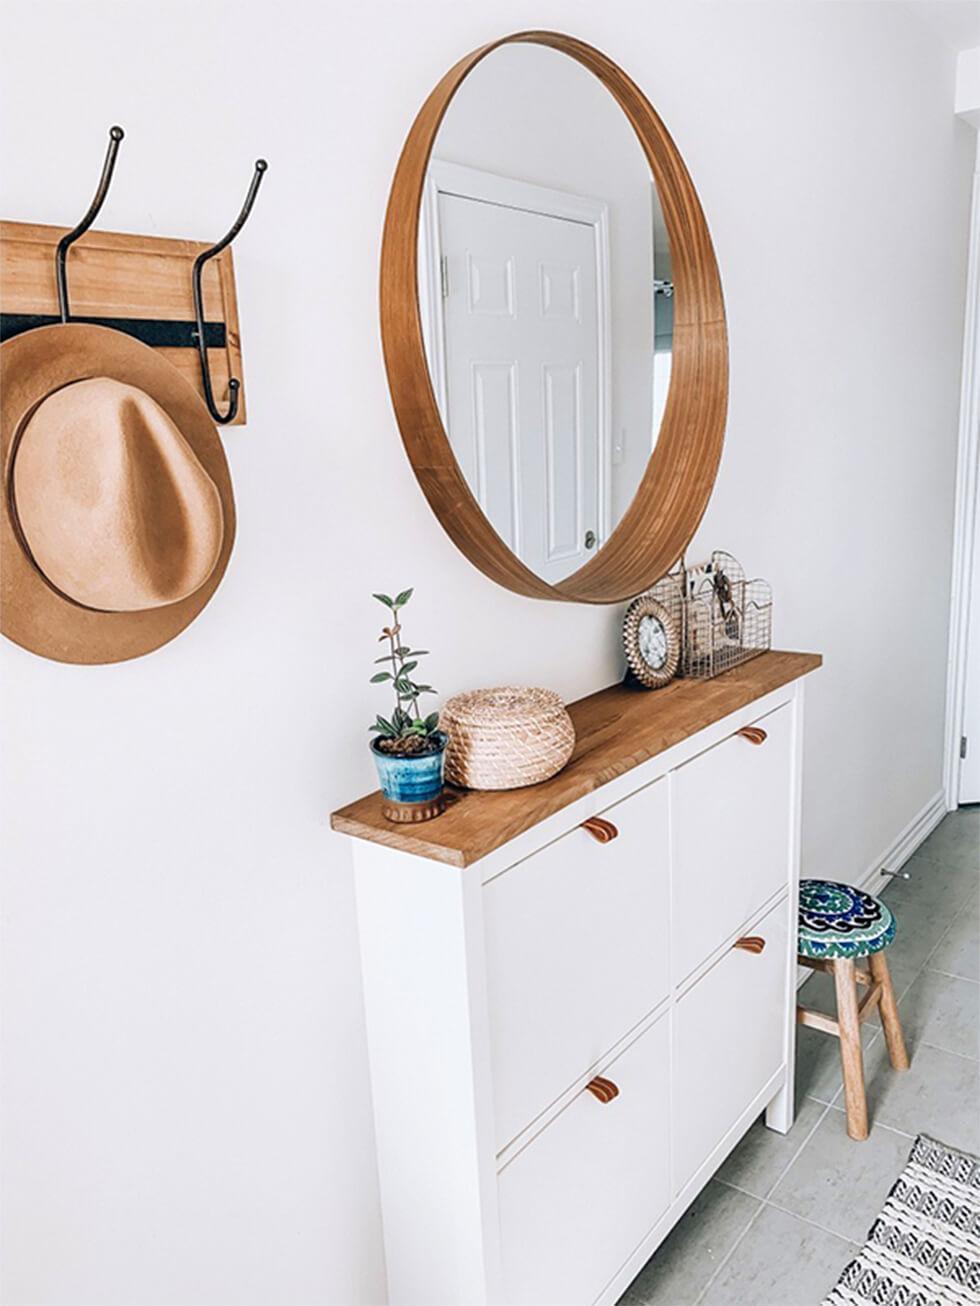 White hallway with storage closet and round mirror